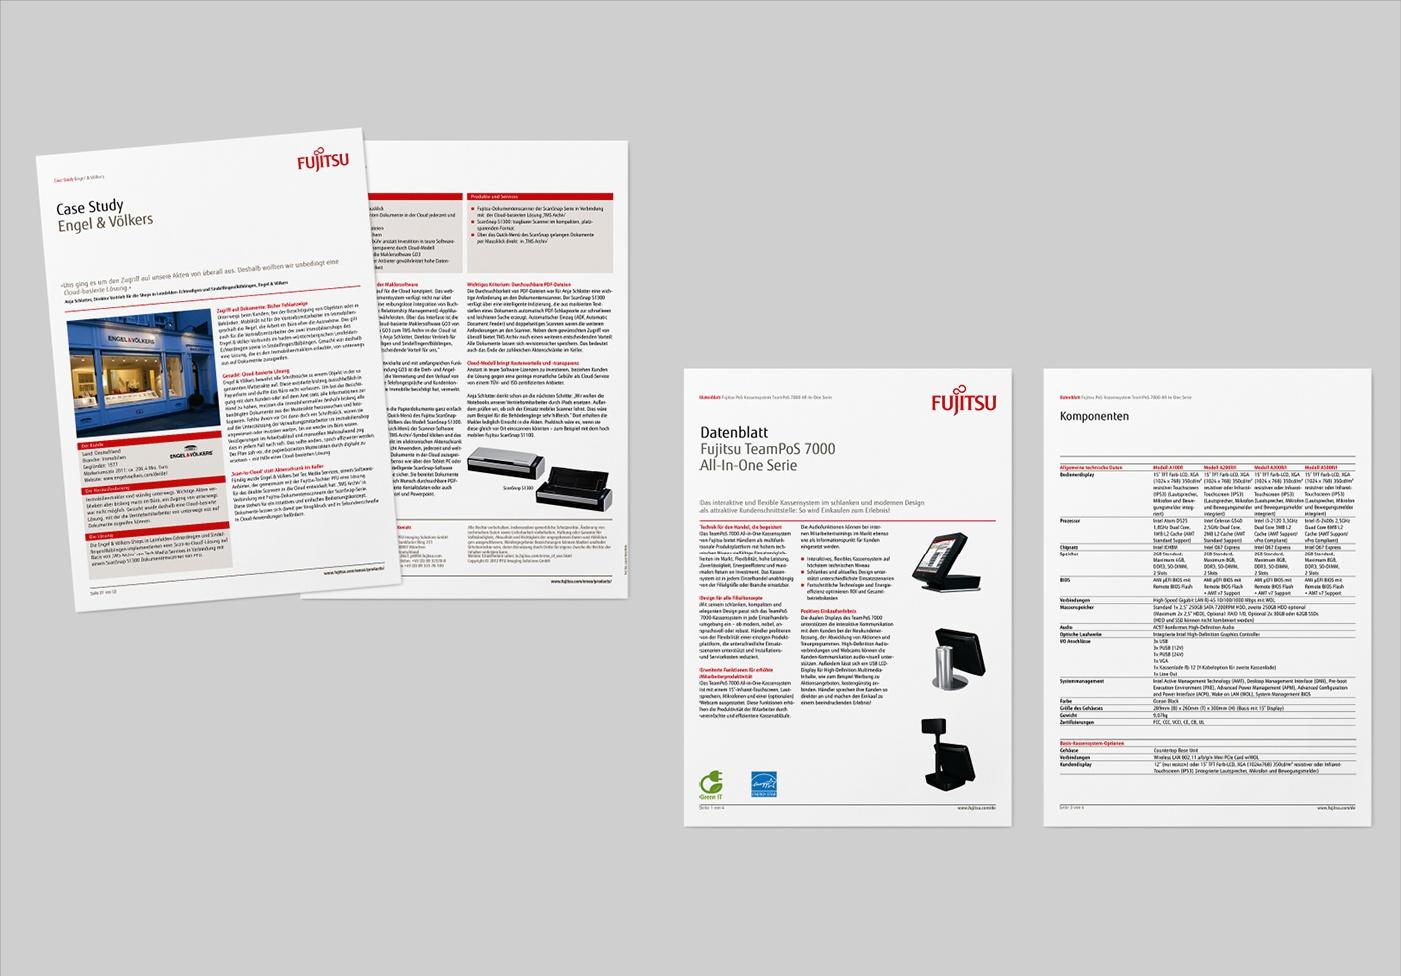 Fujitsu Retail: Imagebroschüre Europa: DE und EN – Art Direktion, Konzept, Grafik und Umsetzung